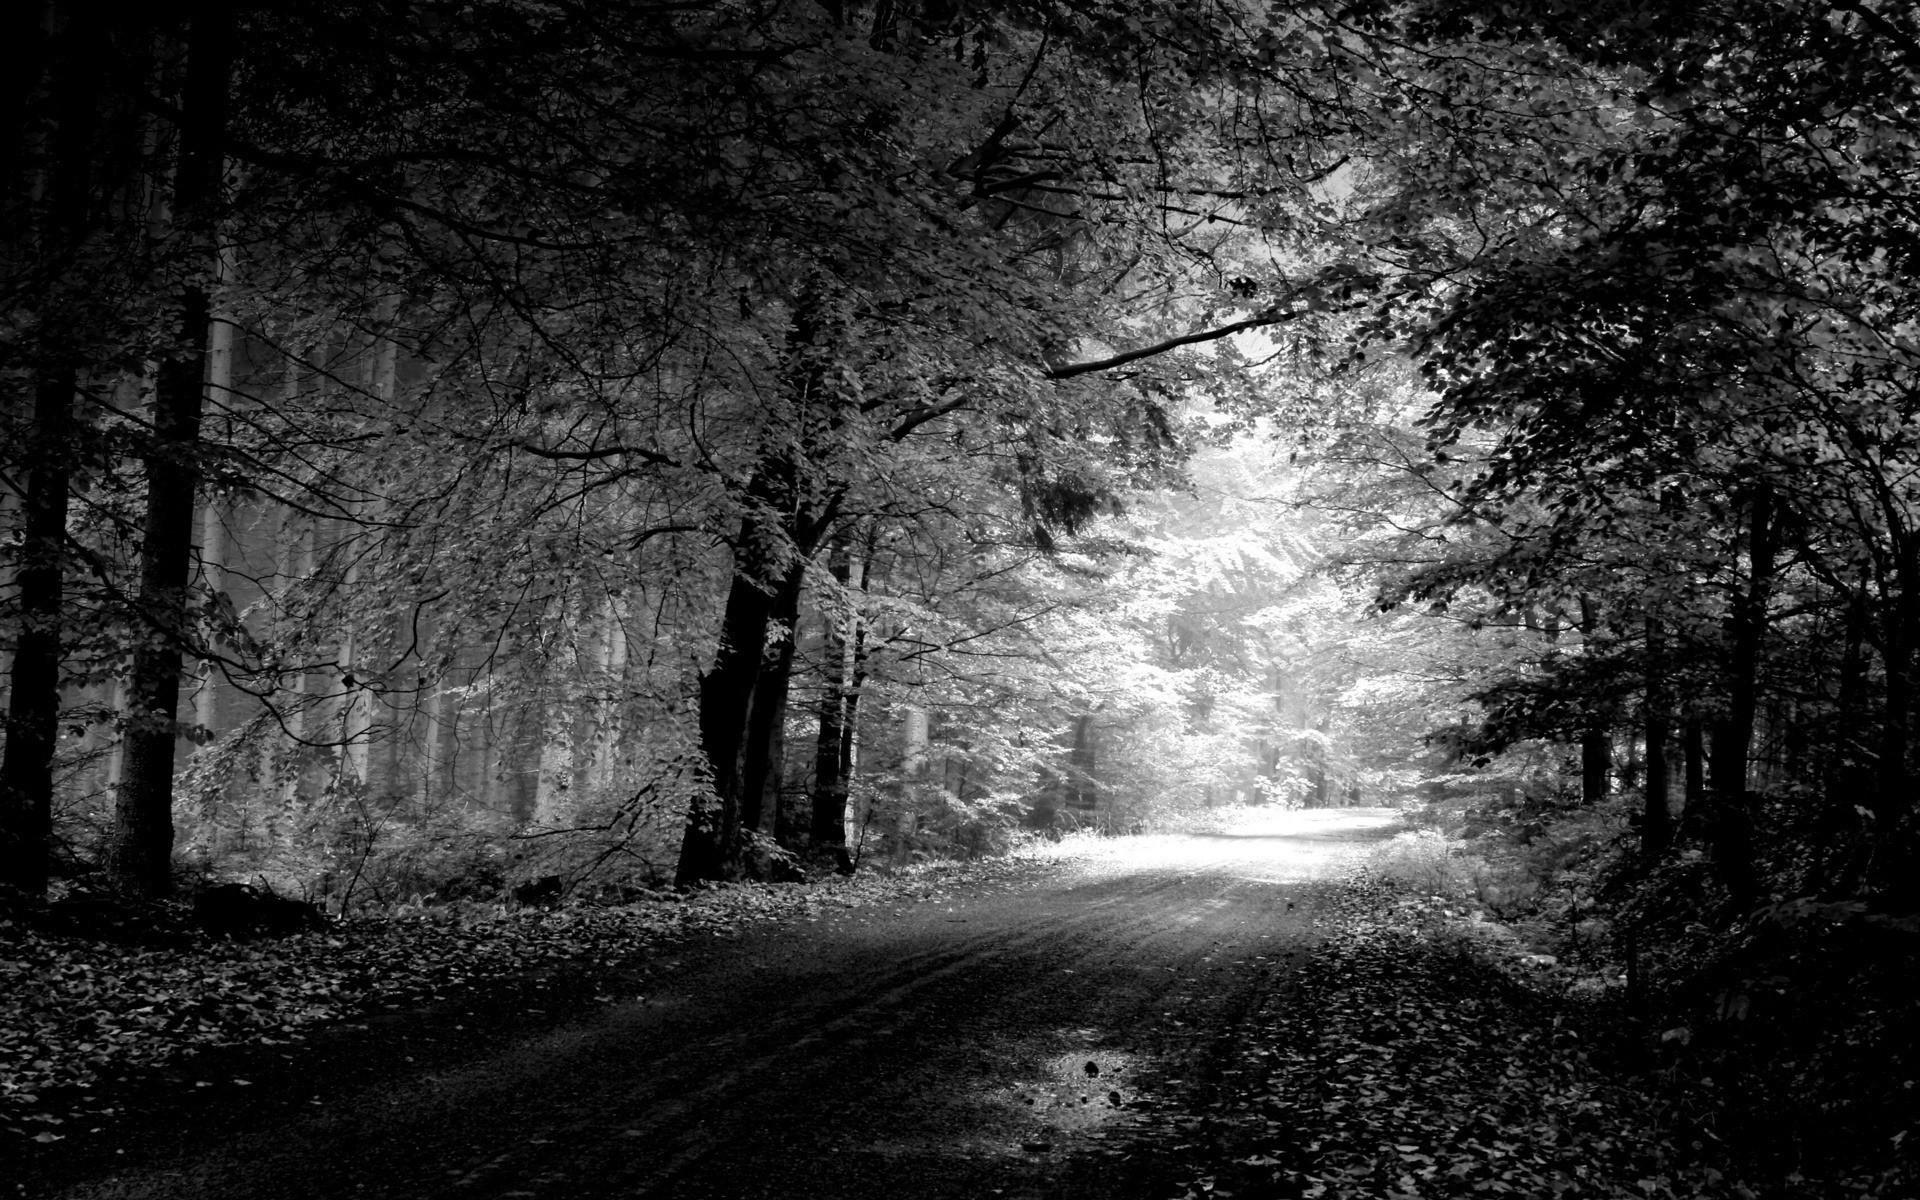 точные черно белое фото лесного пейзажа стандартной церемонии вручения